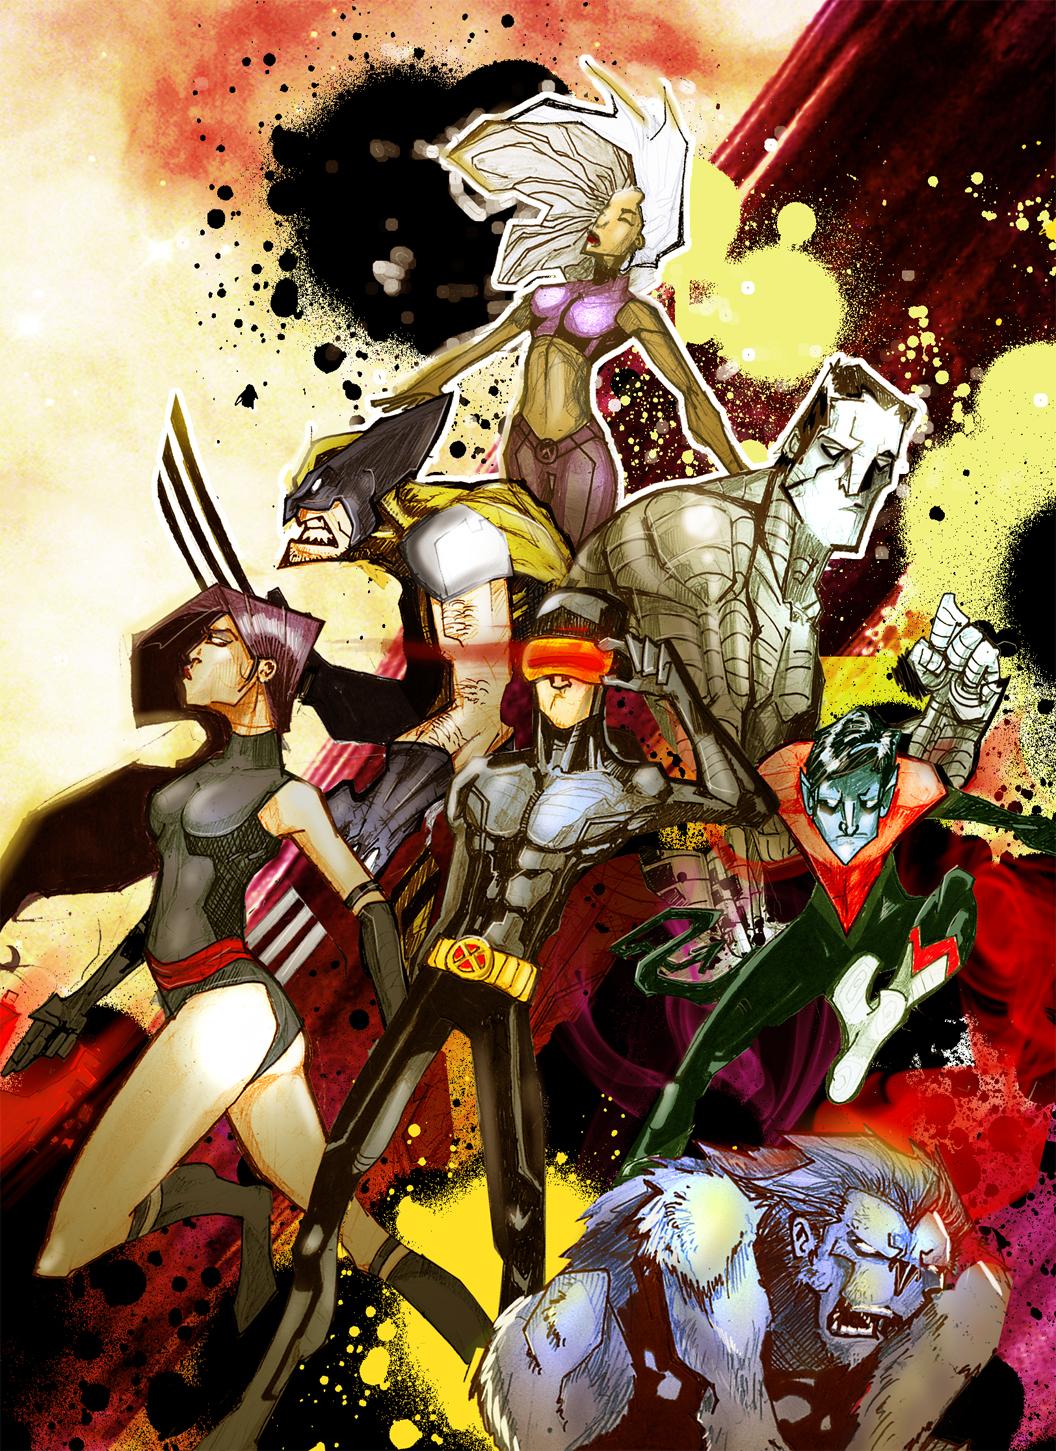 Uncanny X-Men by dnz85